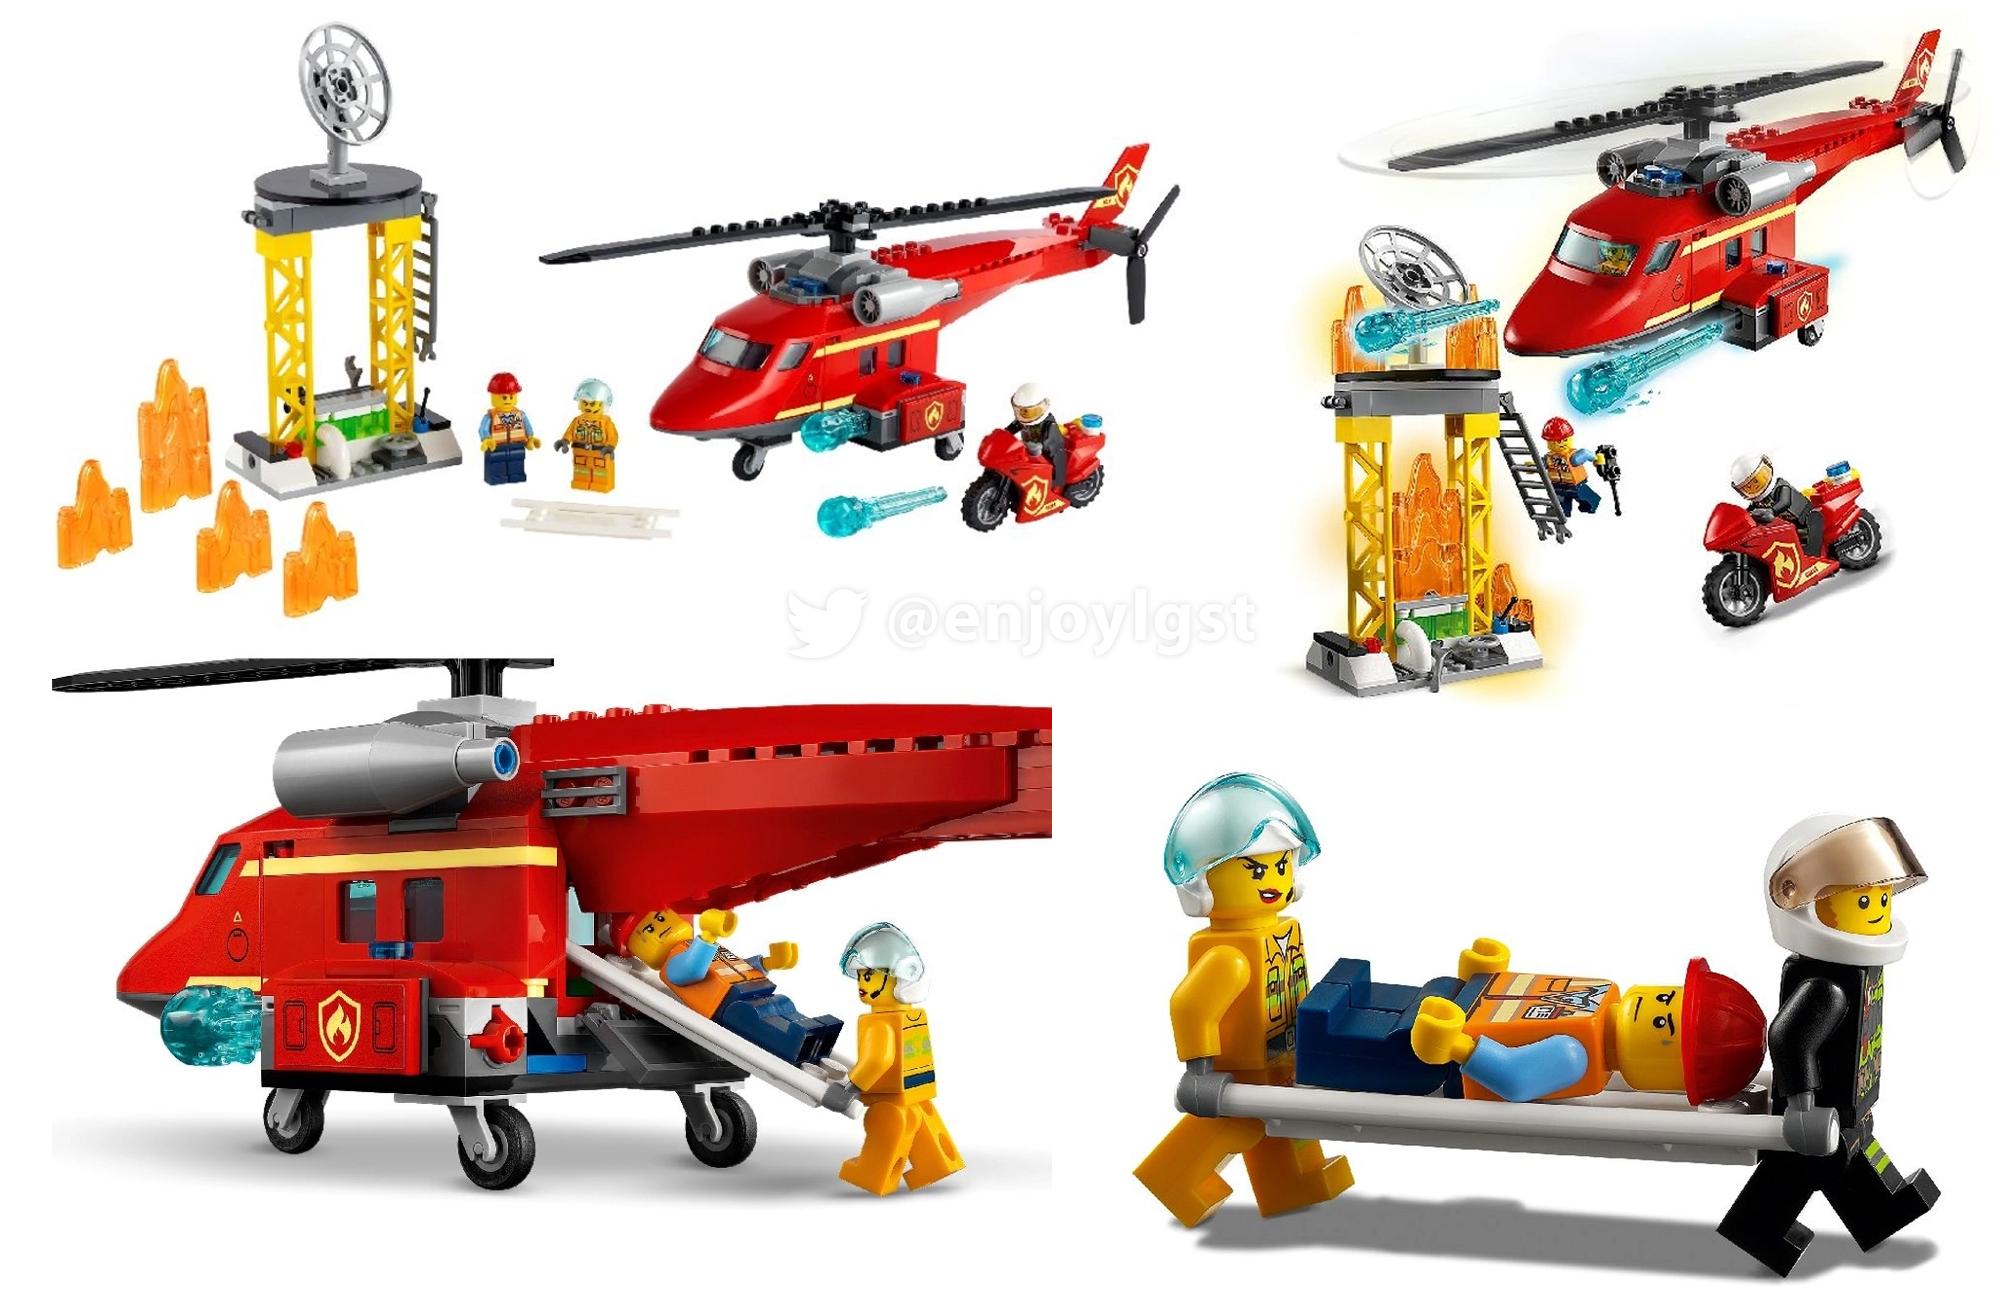 2021年レゴシティ新製品第1弾情報!みんな大好きレゴ定番シリーズ!男子も女子も皆遊ぼう!